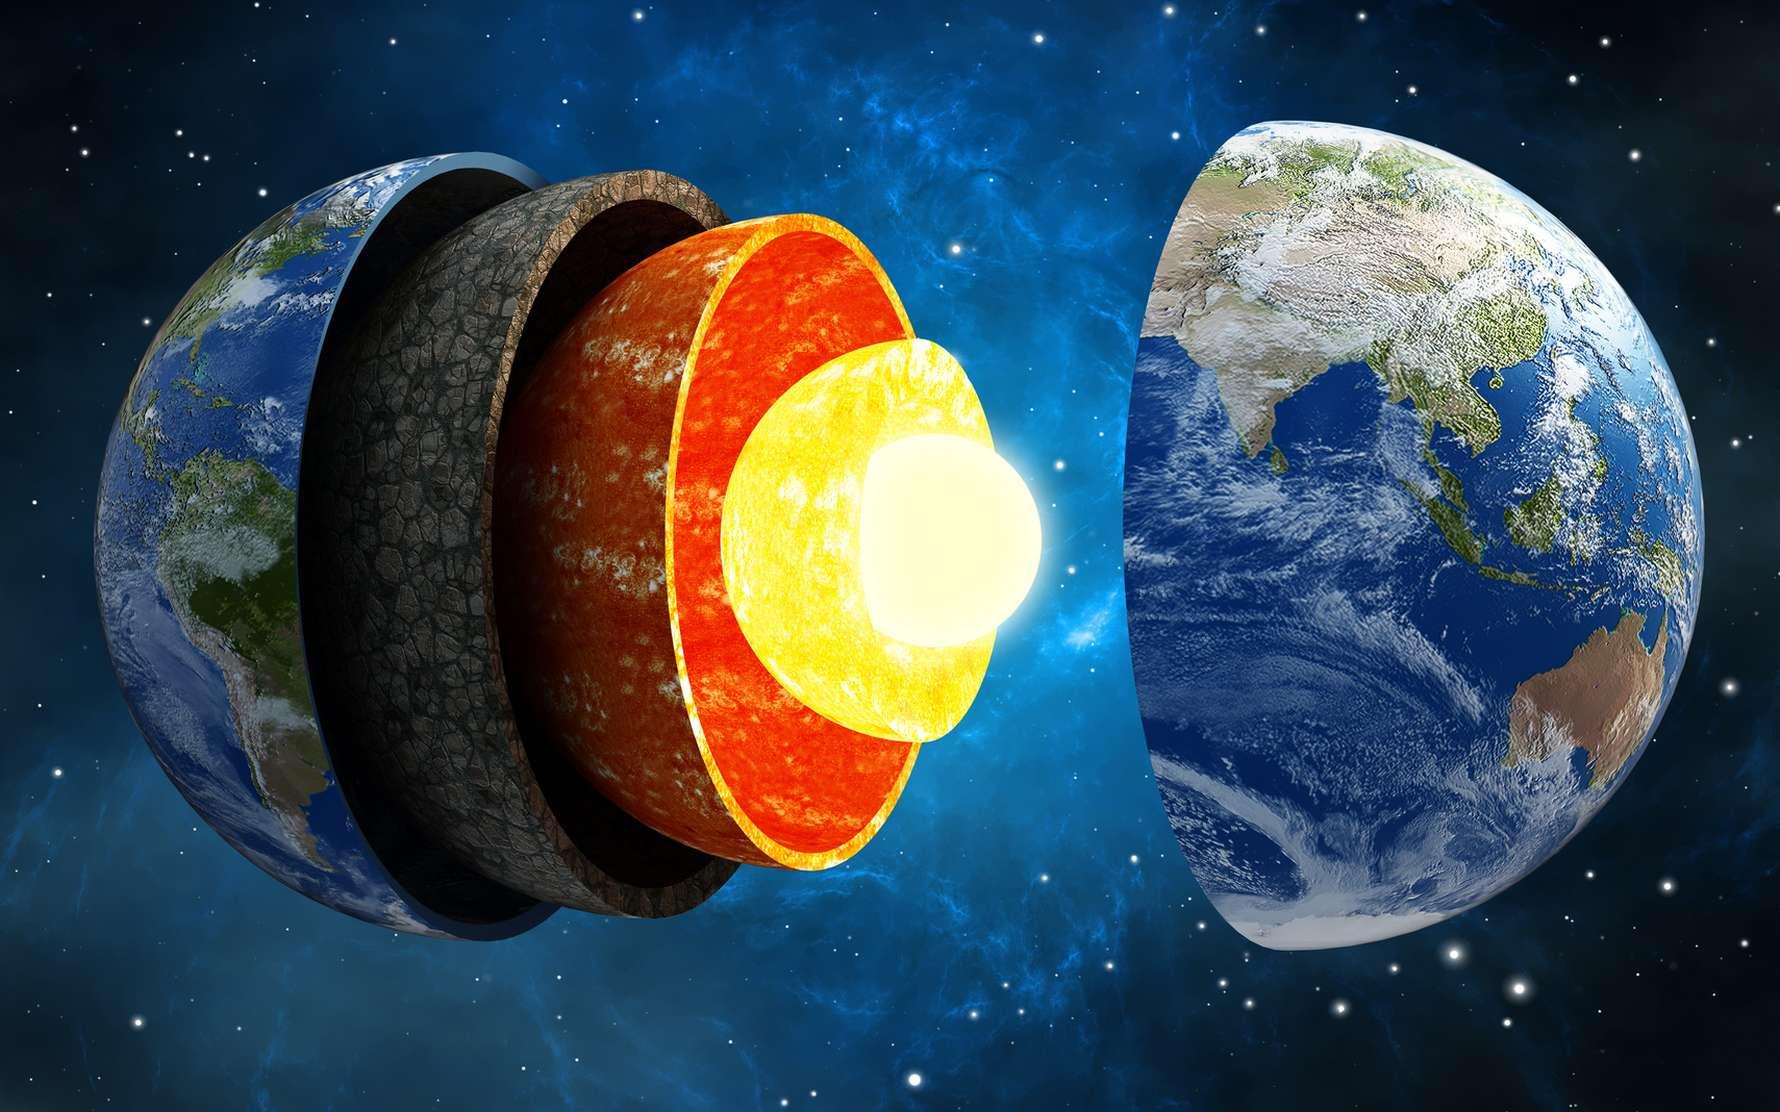 Spécialiste de l'exploration terrestre, le géologue étudie chaque couche de notre planète afin d'apporter son expertise dans de nombreux domaines d'activités comme la sismologie, la cartographie, l'hydrogéologie... © Destina, Fotolia.